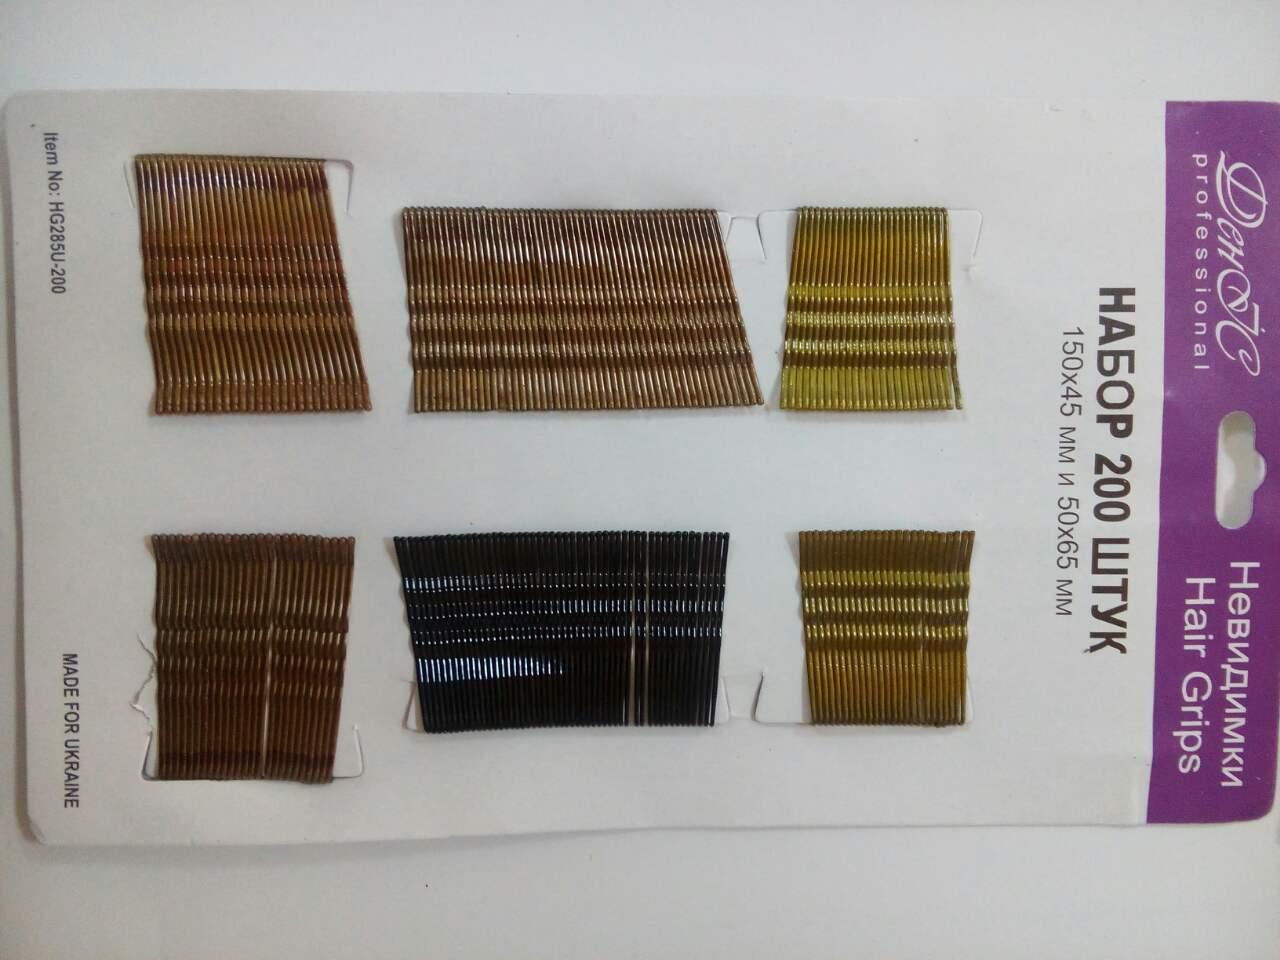 Невидимки на планшете цветные 150*45мм и 50*65мм (200шт)